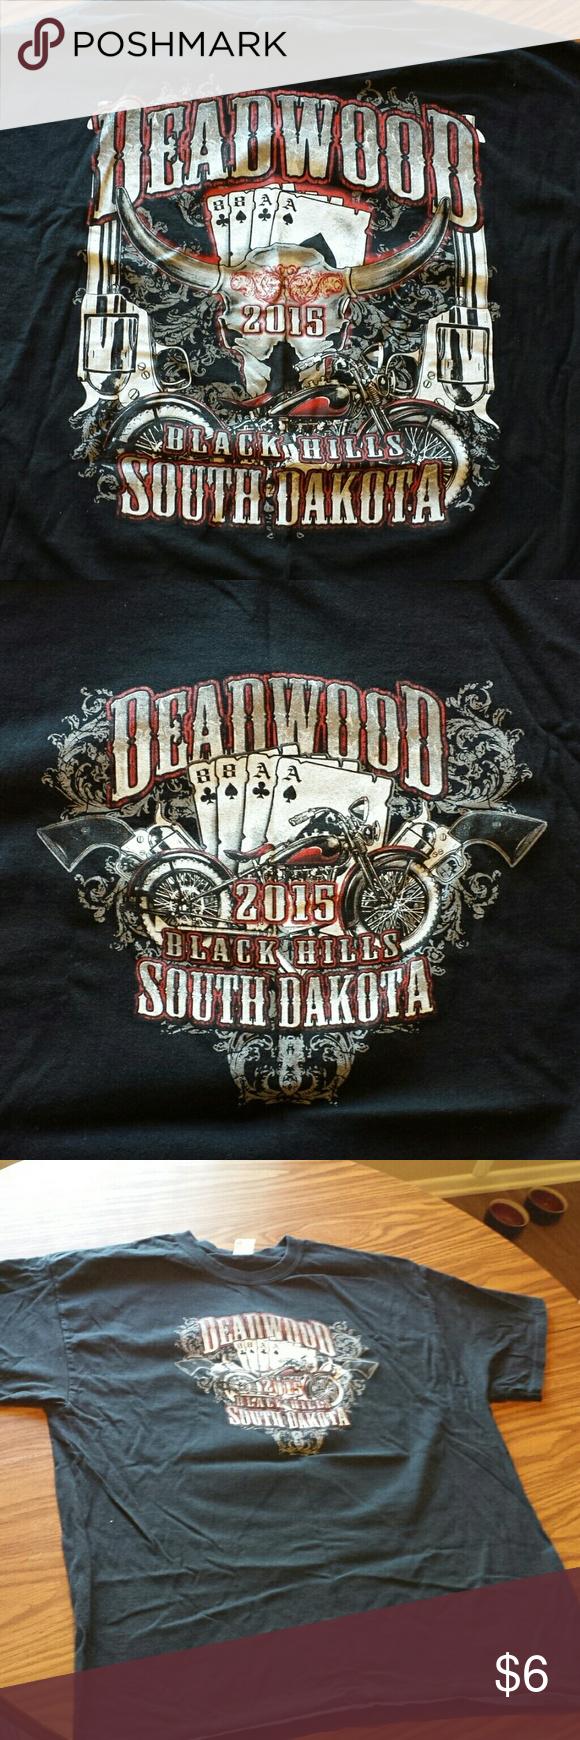 2015 Deadwood South Dakota Men S Size Xl T Shirt South Dakota Shirt Black Hills South Dakota Black Cotton [ 1740 x 580 Pixel ]